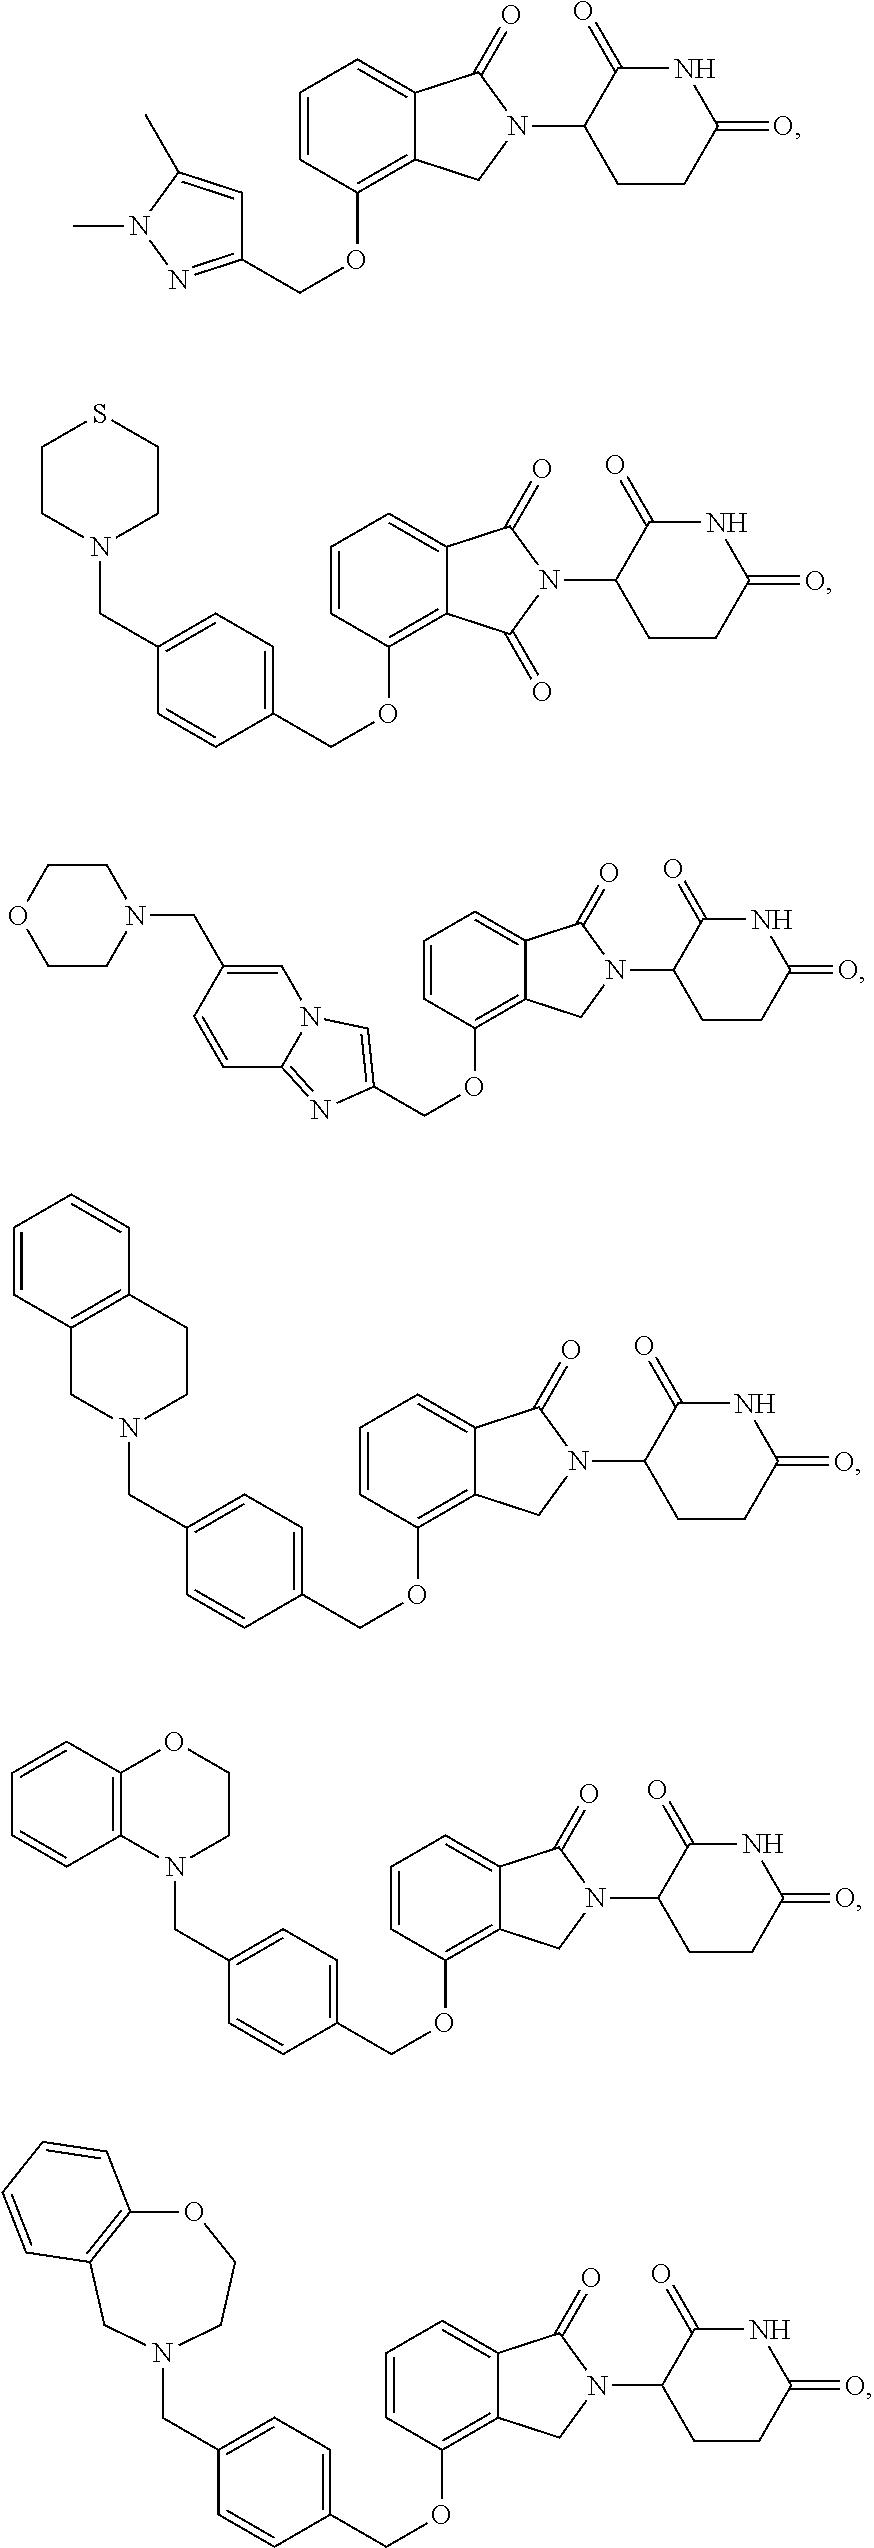 Figure US09587281-20170307-C00054